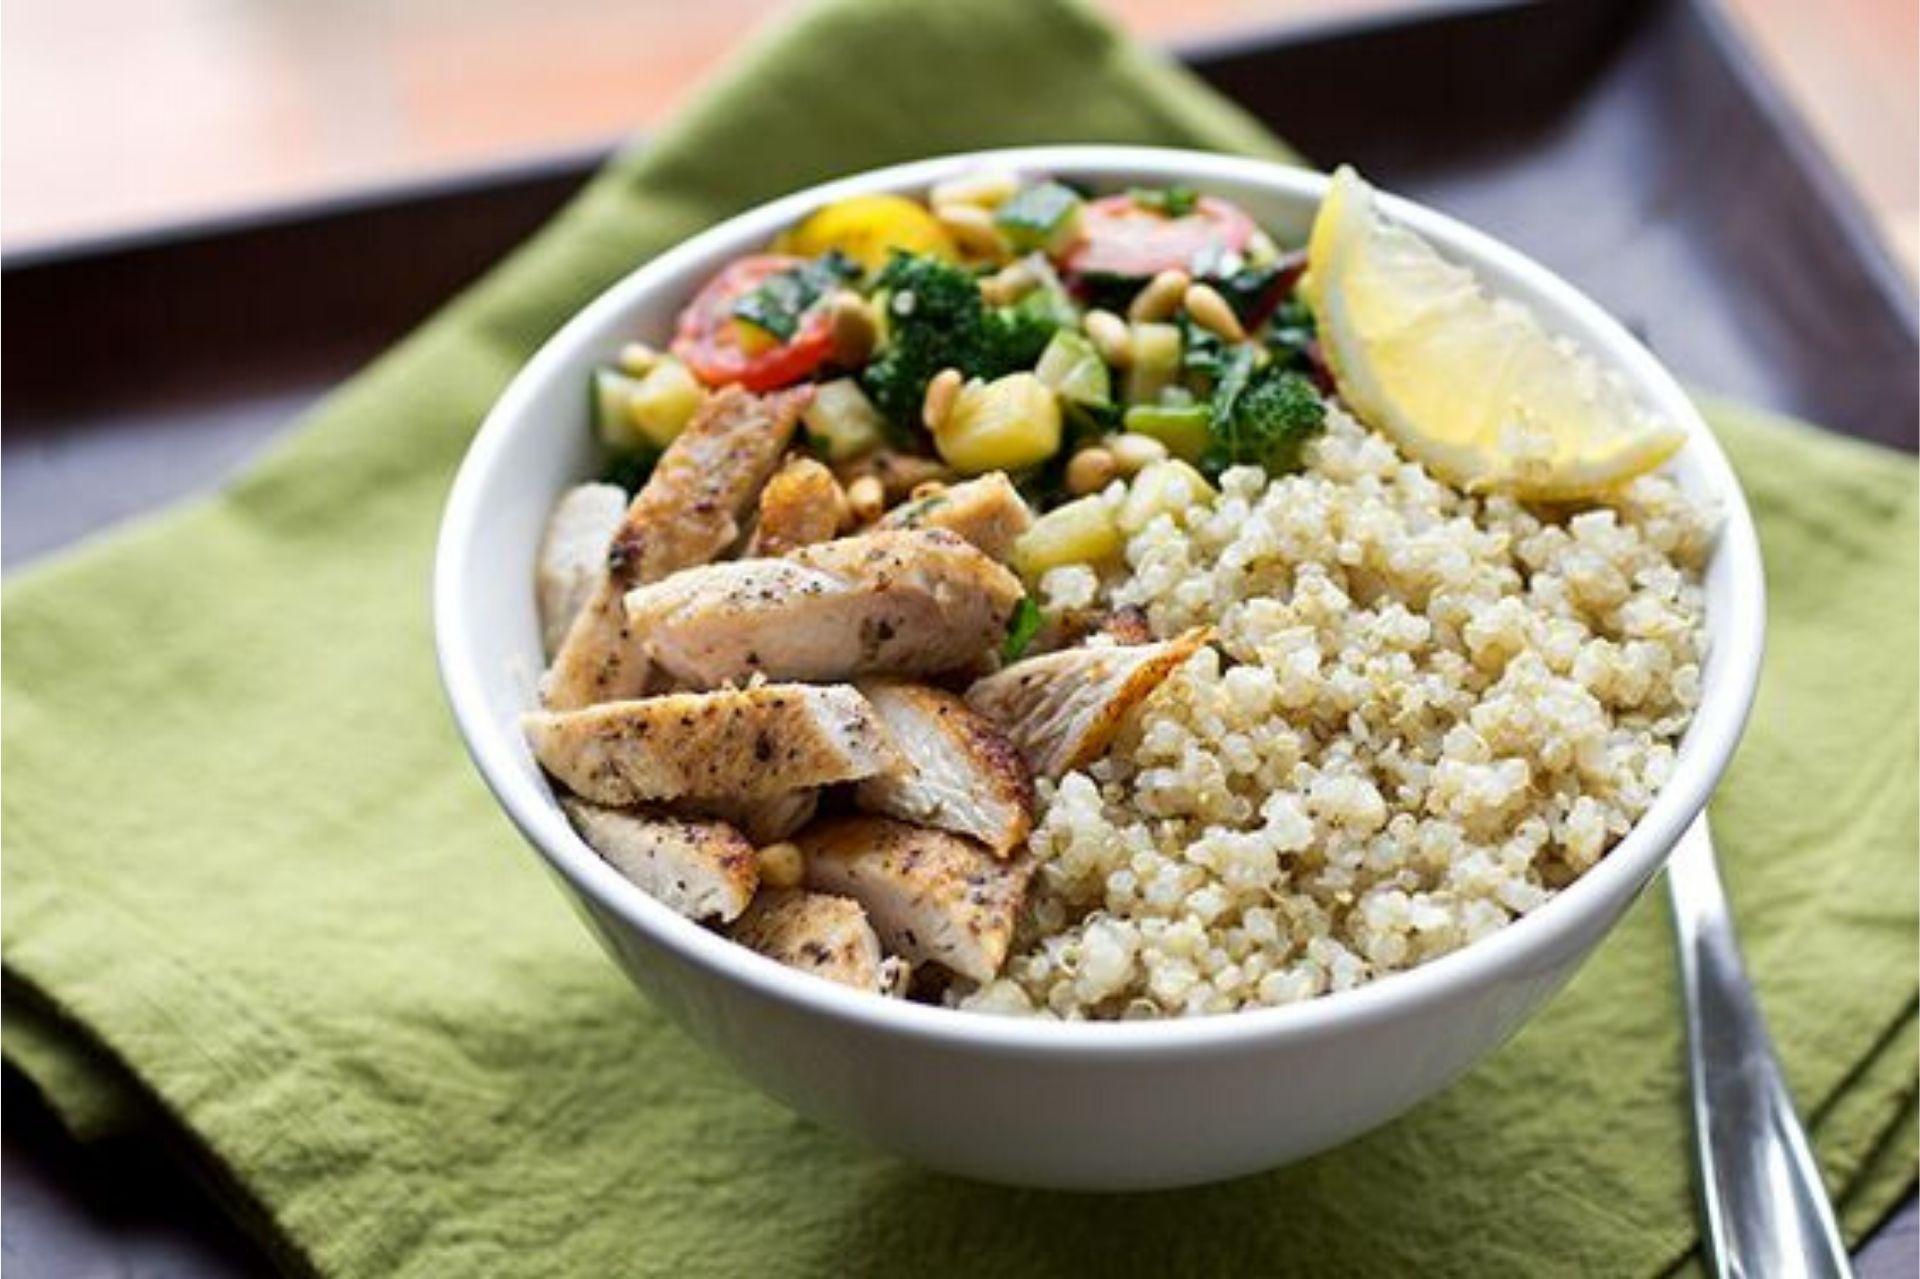 Ricette Con Quinoa Pollo E Verdure.Ricetta Della Quinoa Con Pollo E Verdure Un Mix Energetico Food Blog